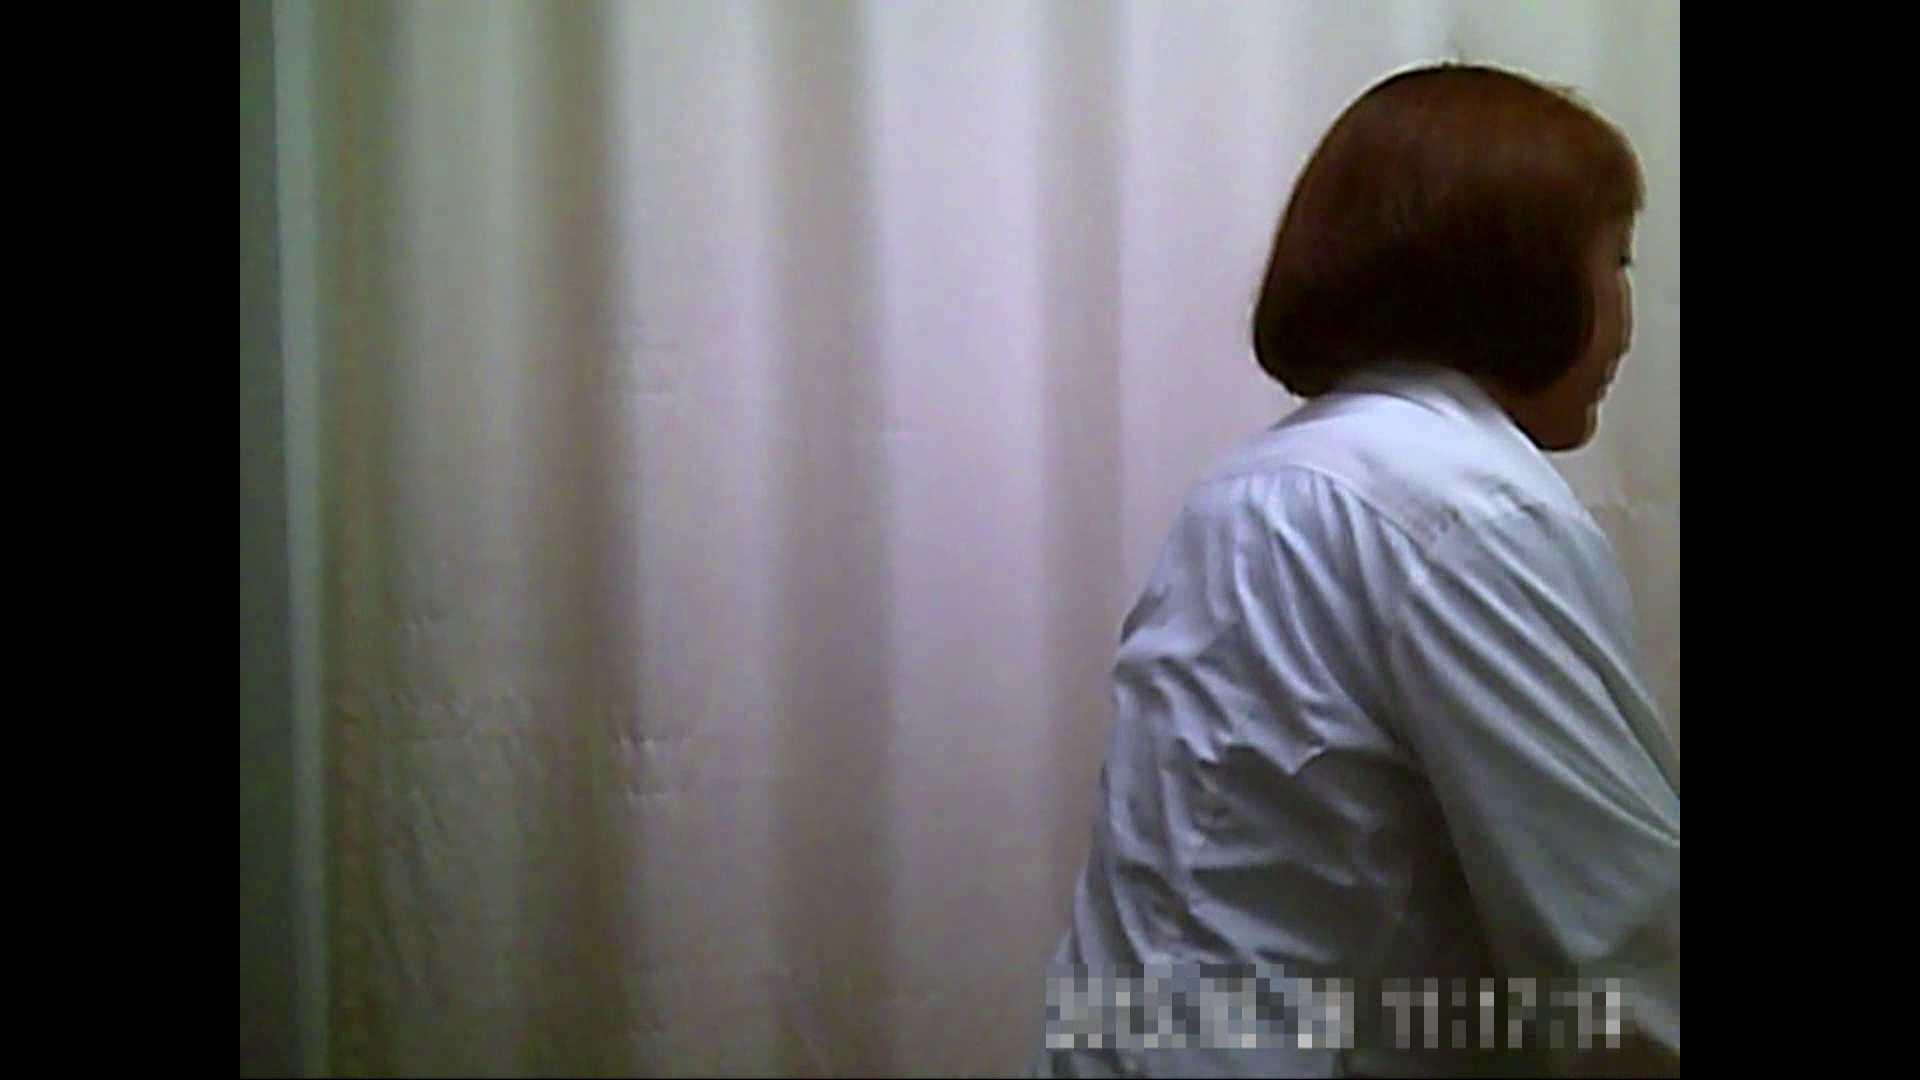 元医者による反抗 更衣室地獄絵巻 vol.103 OL  100pic 58